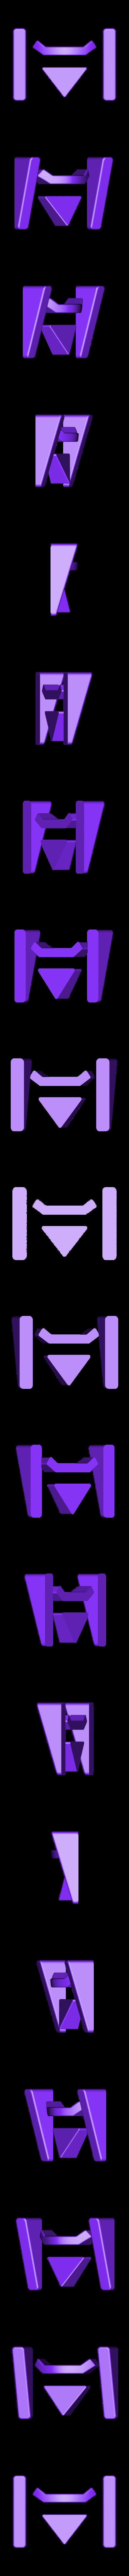 inserts.stl Télécharger fichier STL gratuit Sommet2 • Design à imprimer en 3D, Yazhmog